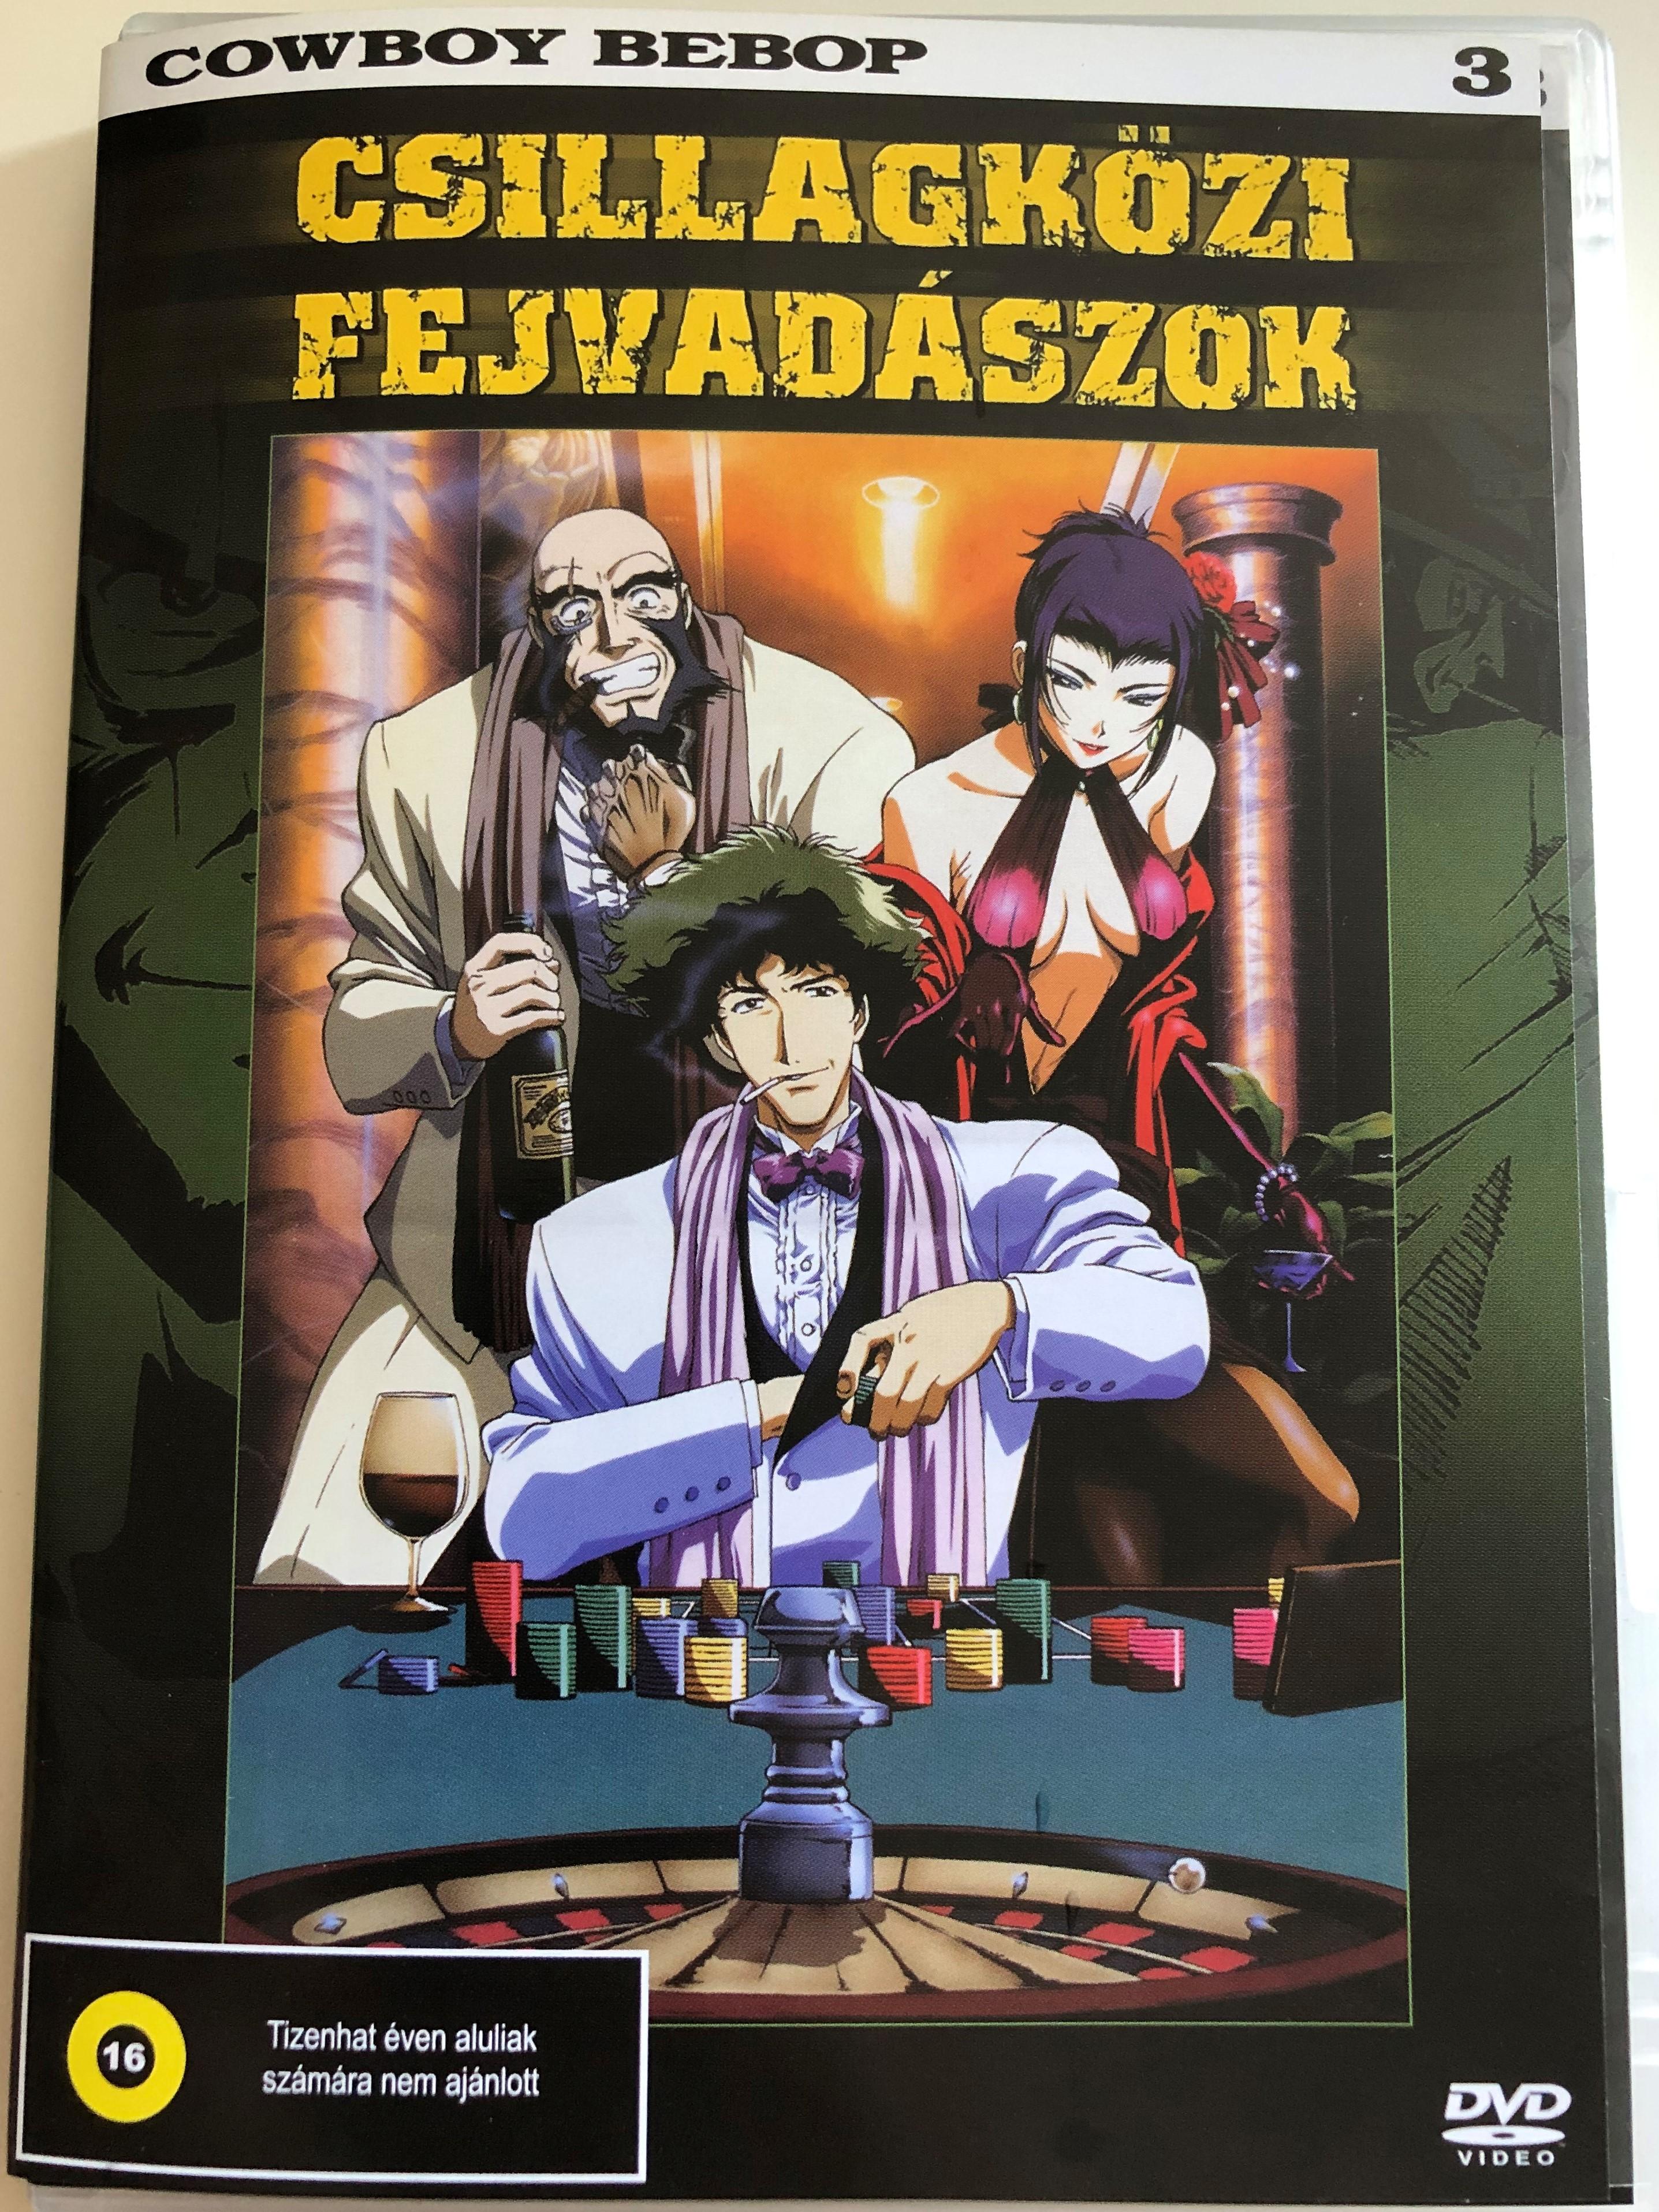 cowboy-bebop-3-dvd-csillagk-zi-fejvad-szok-anime-series-episodes-11-15-1-.jpg